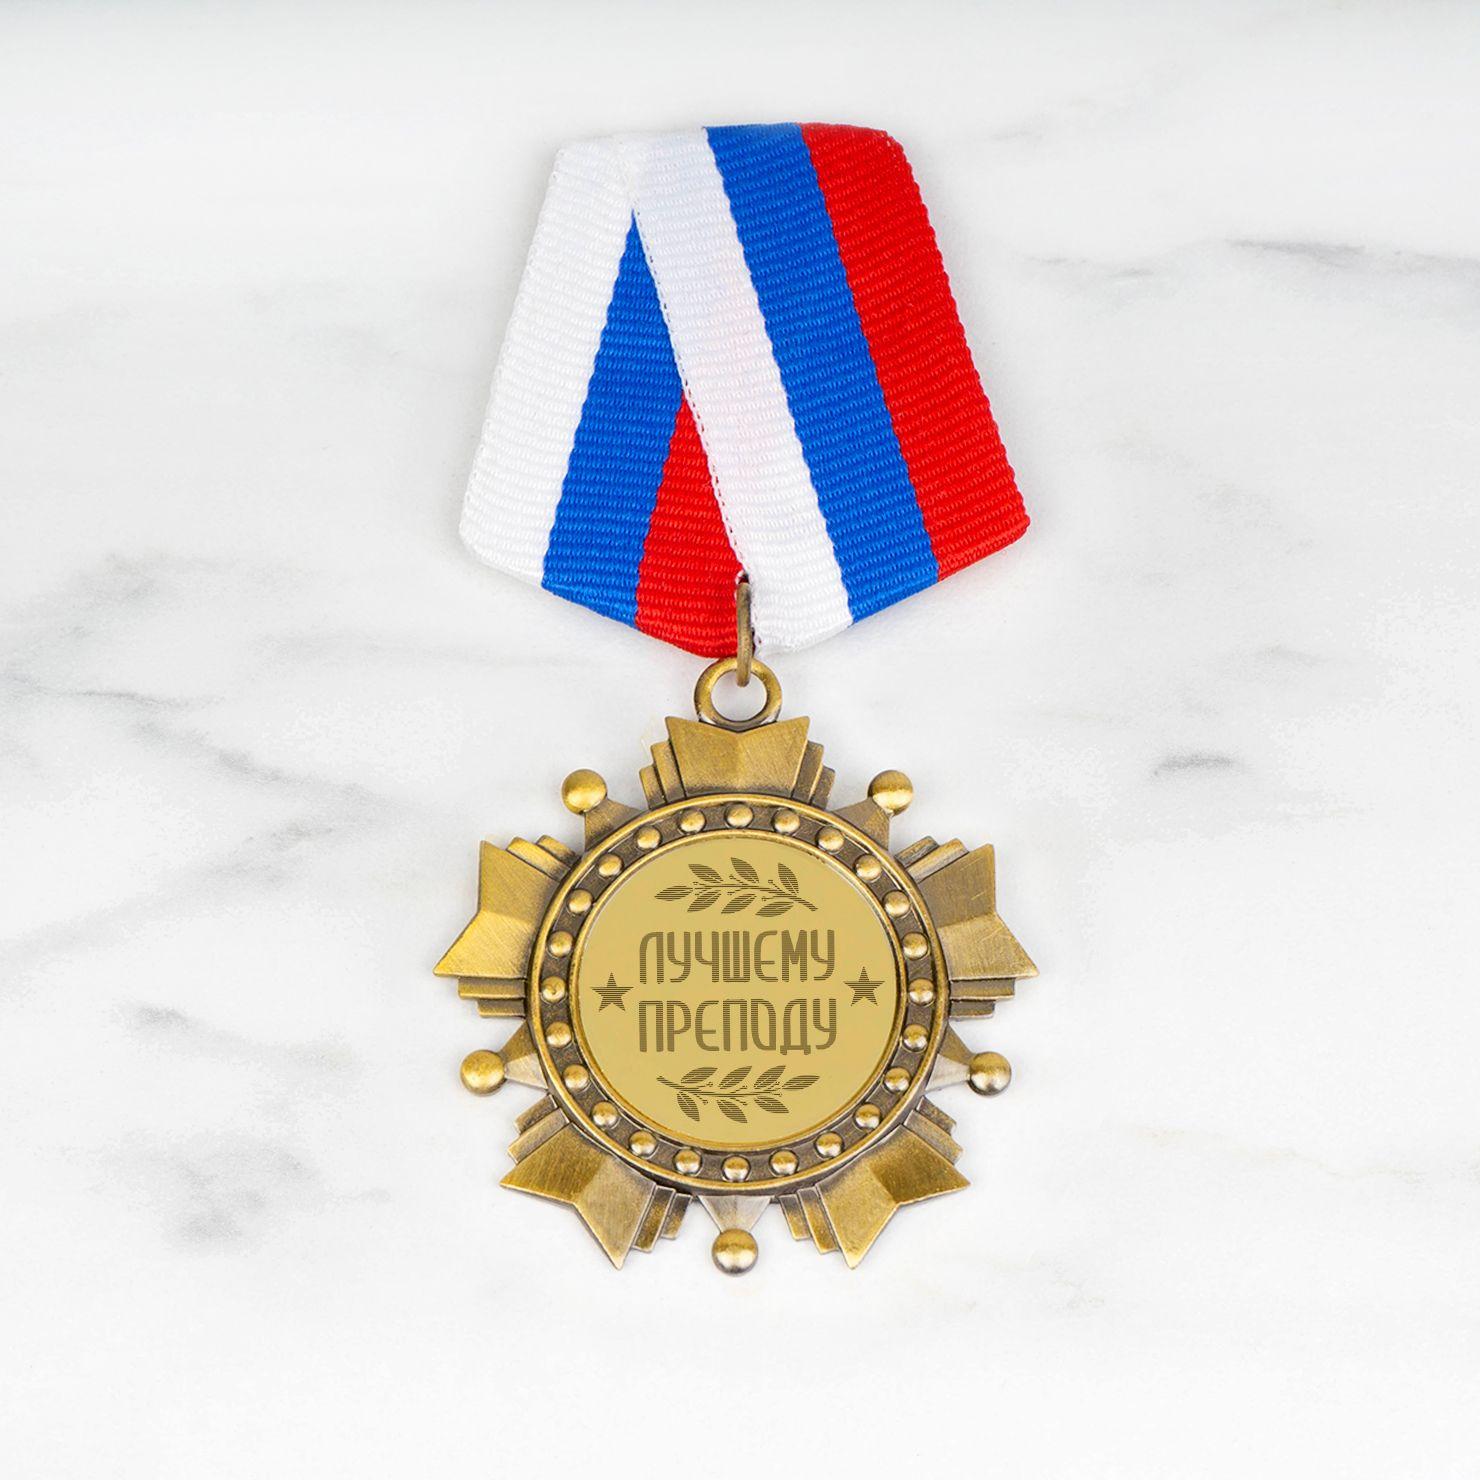 Орден *Лучшему преподу*